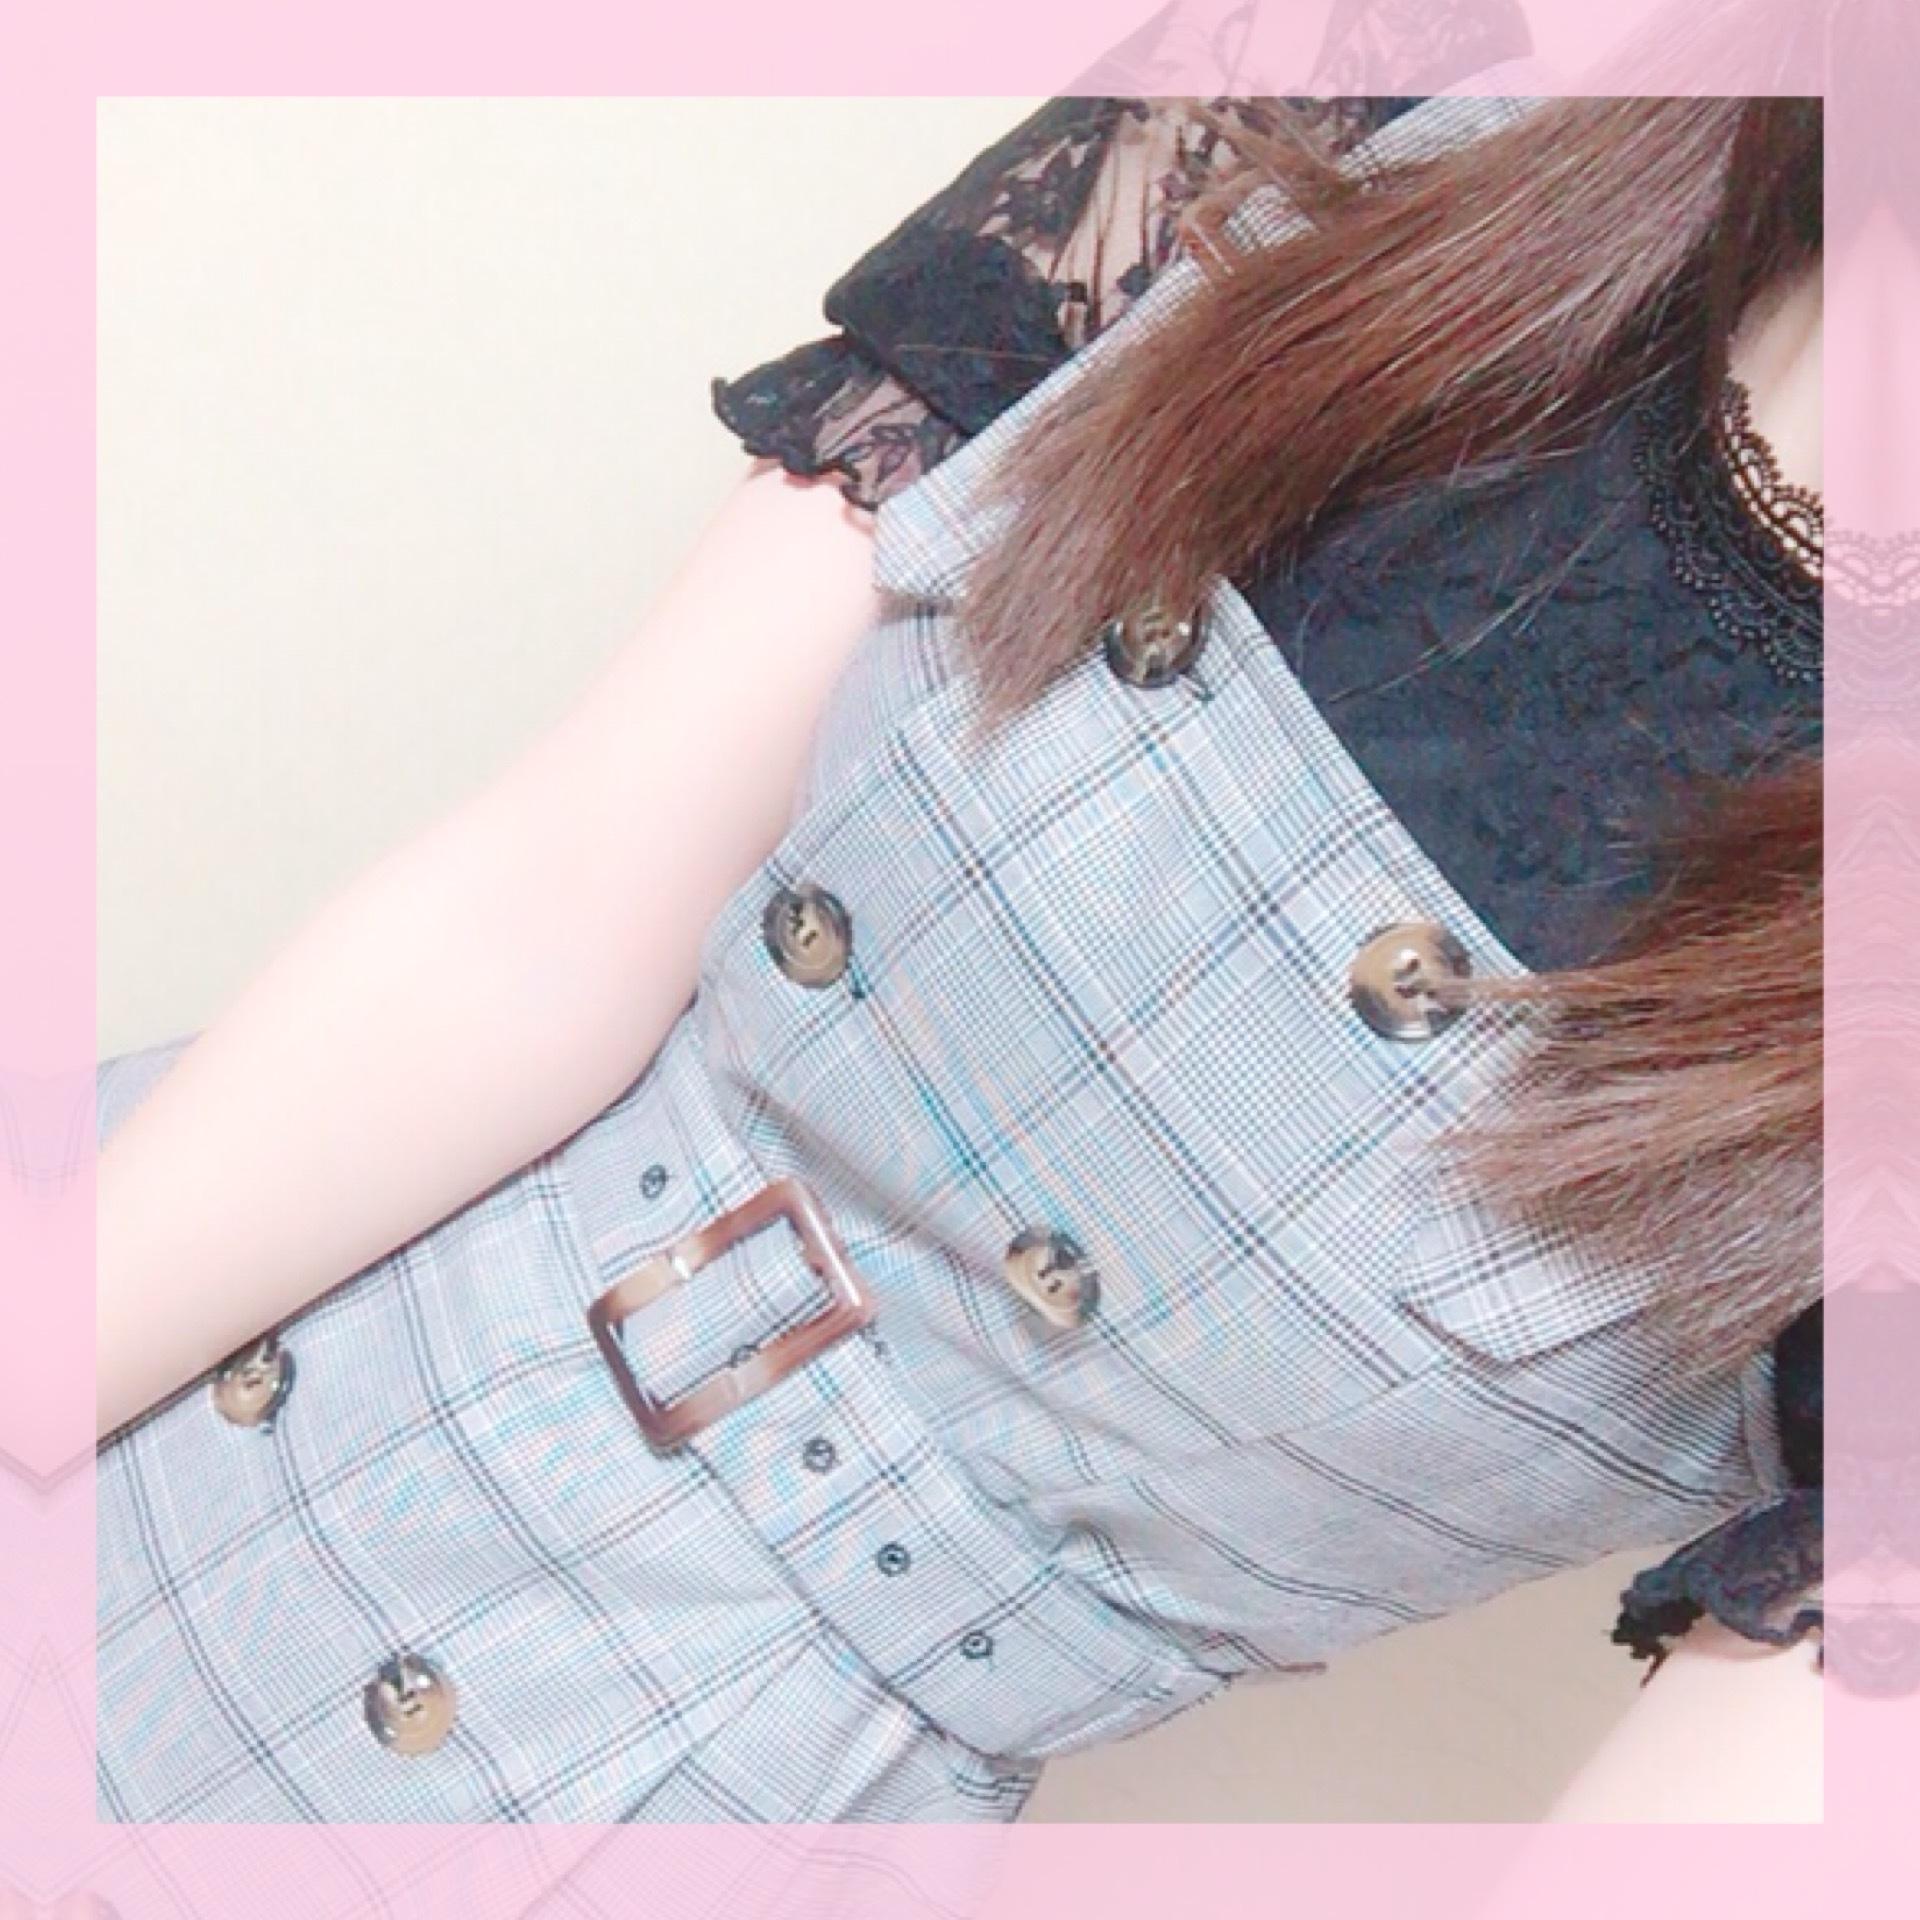 """【新作秋コーデ】""""evelyn""""のチェックワンピースで大人っぽデート服♡_1_2-1"""